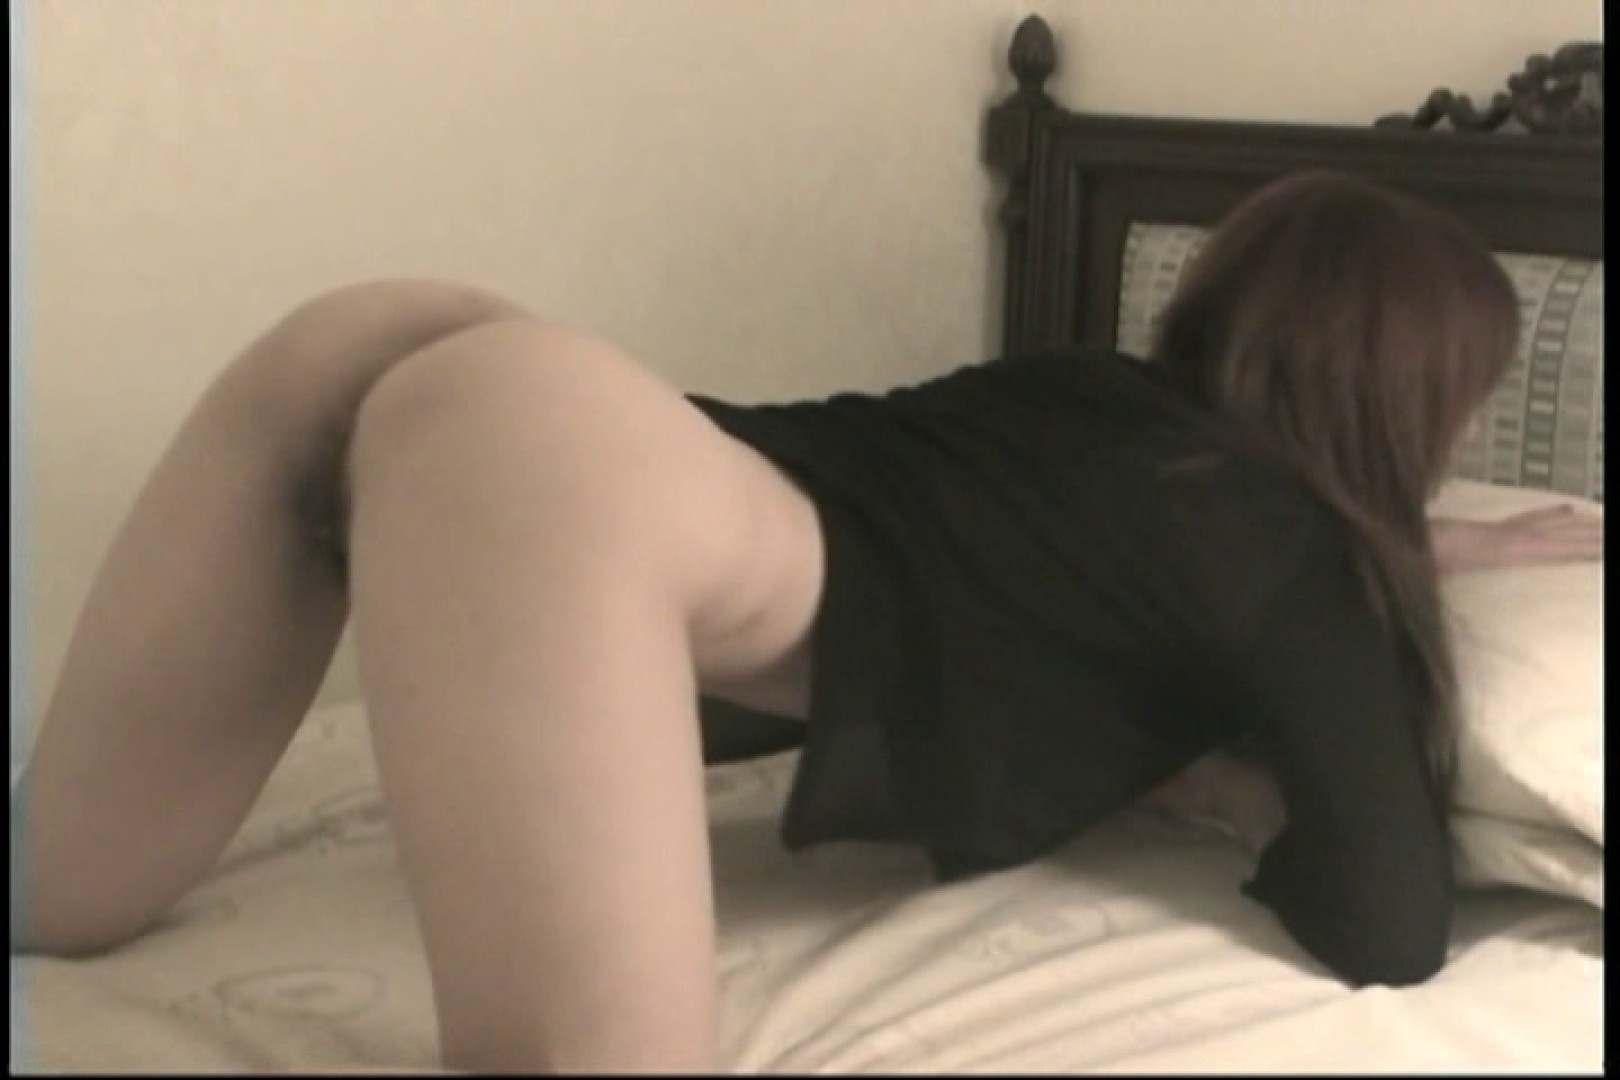 H大好きな清楚系の美ボディお姉さんとホテルでSEX~安西みか~ エッチなお姉さん | エッチな熟女  60pic 26